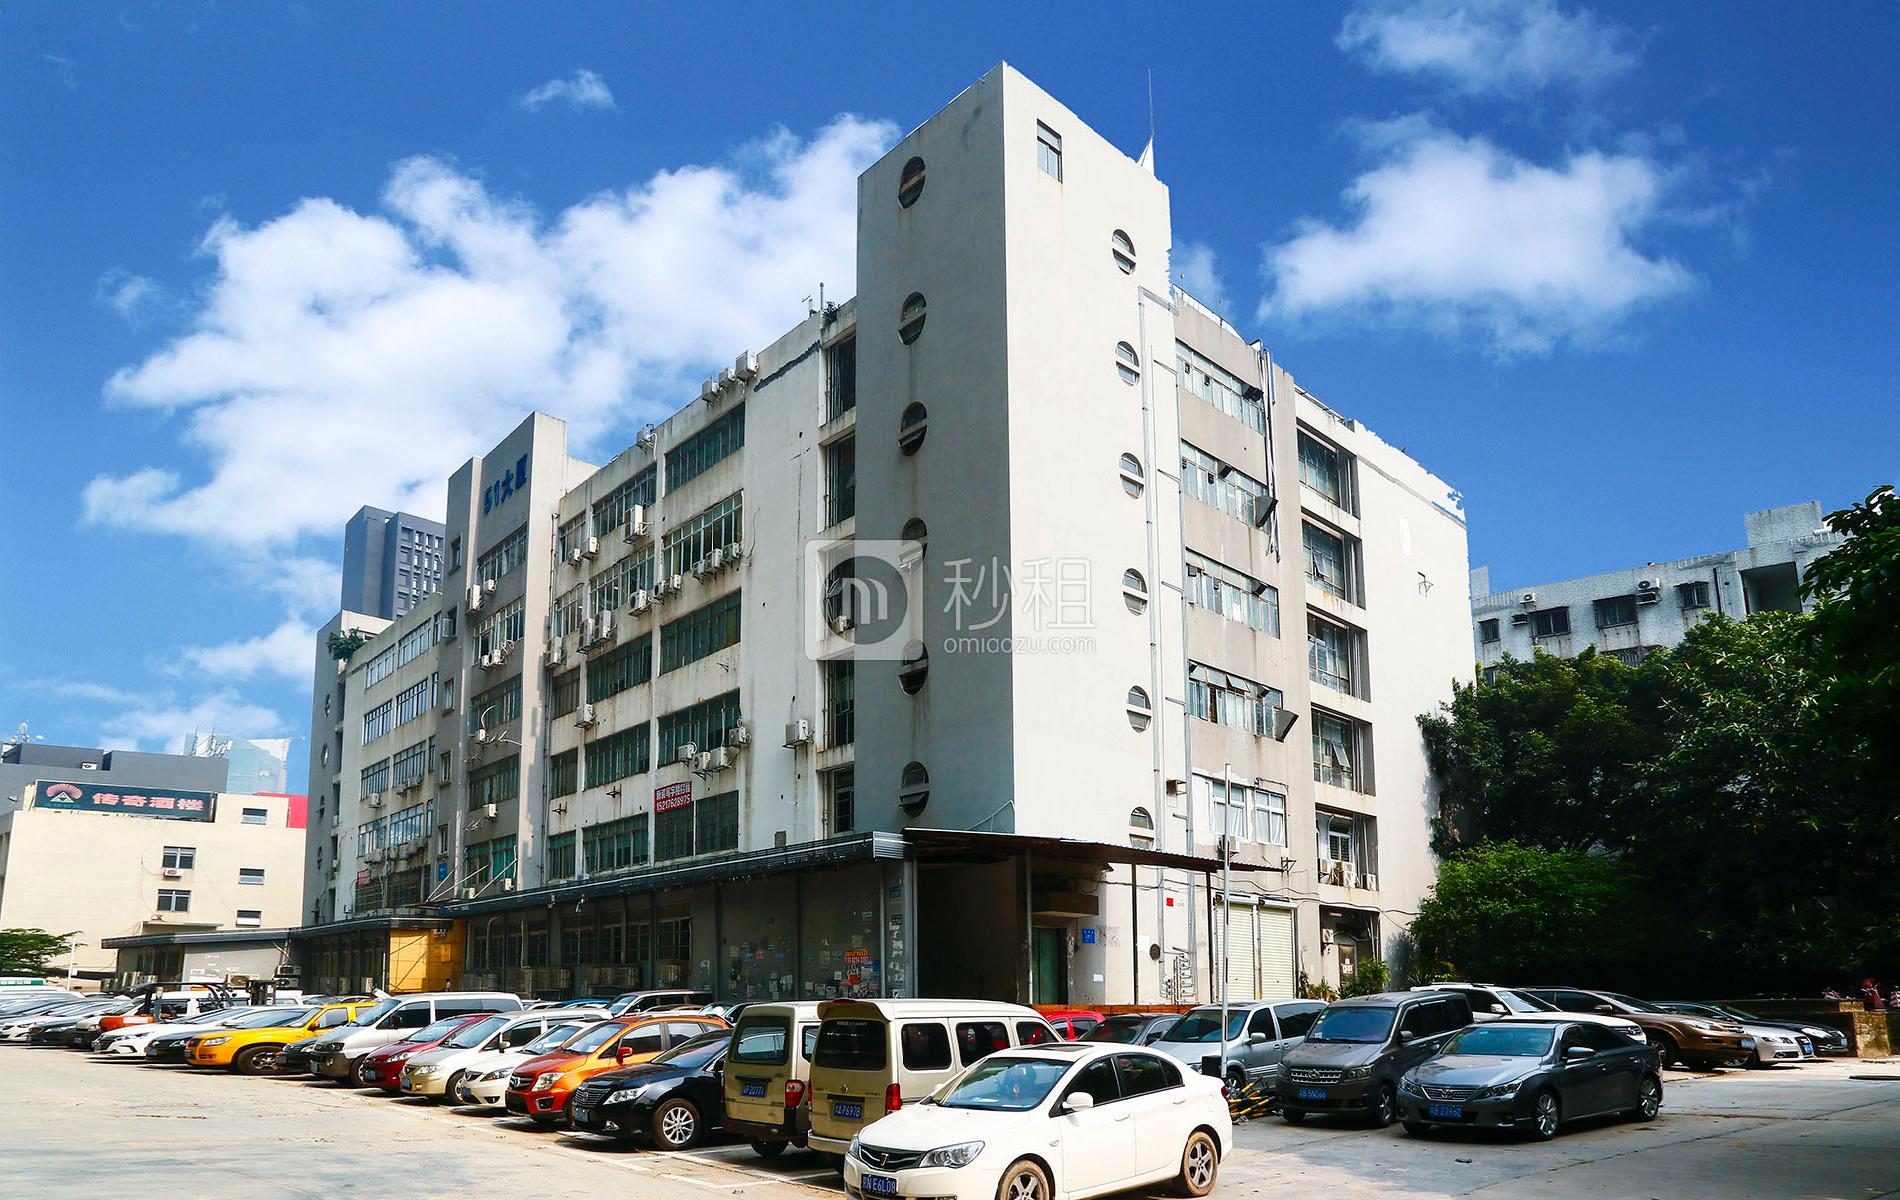 51大厦写字楼出租/招租/租赁,51大厦办公室出租/招租/租赁